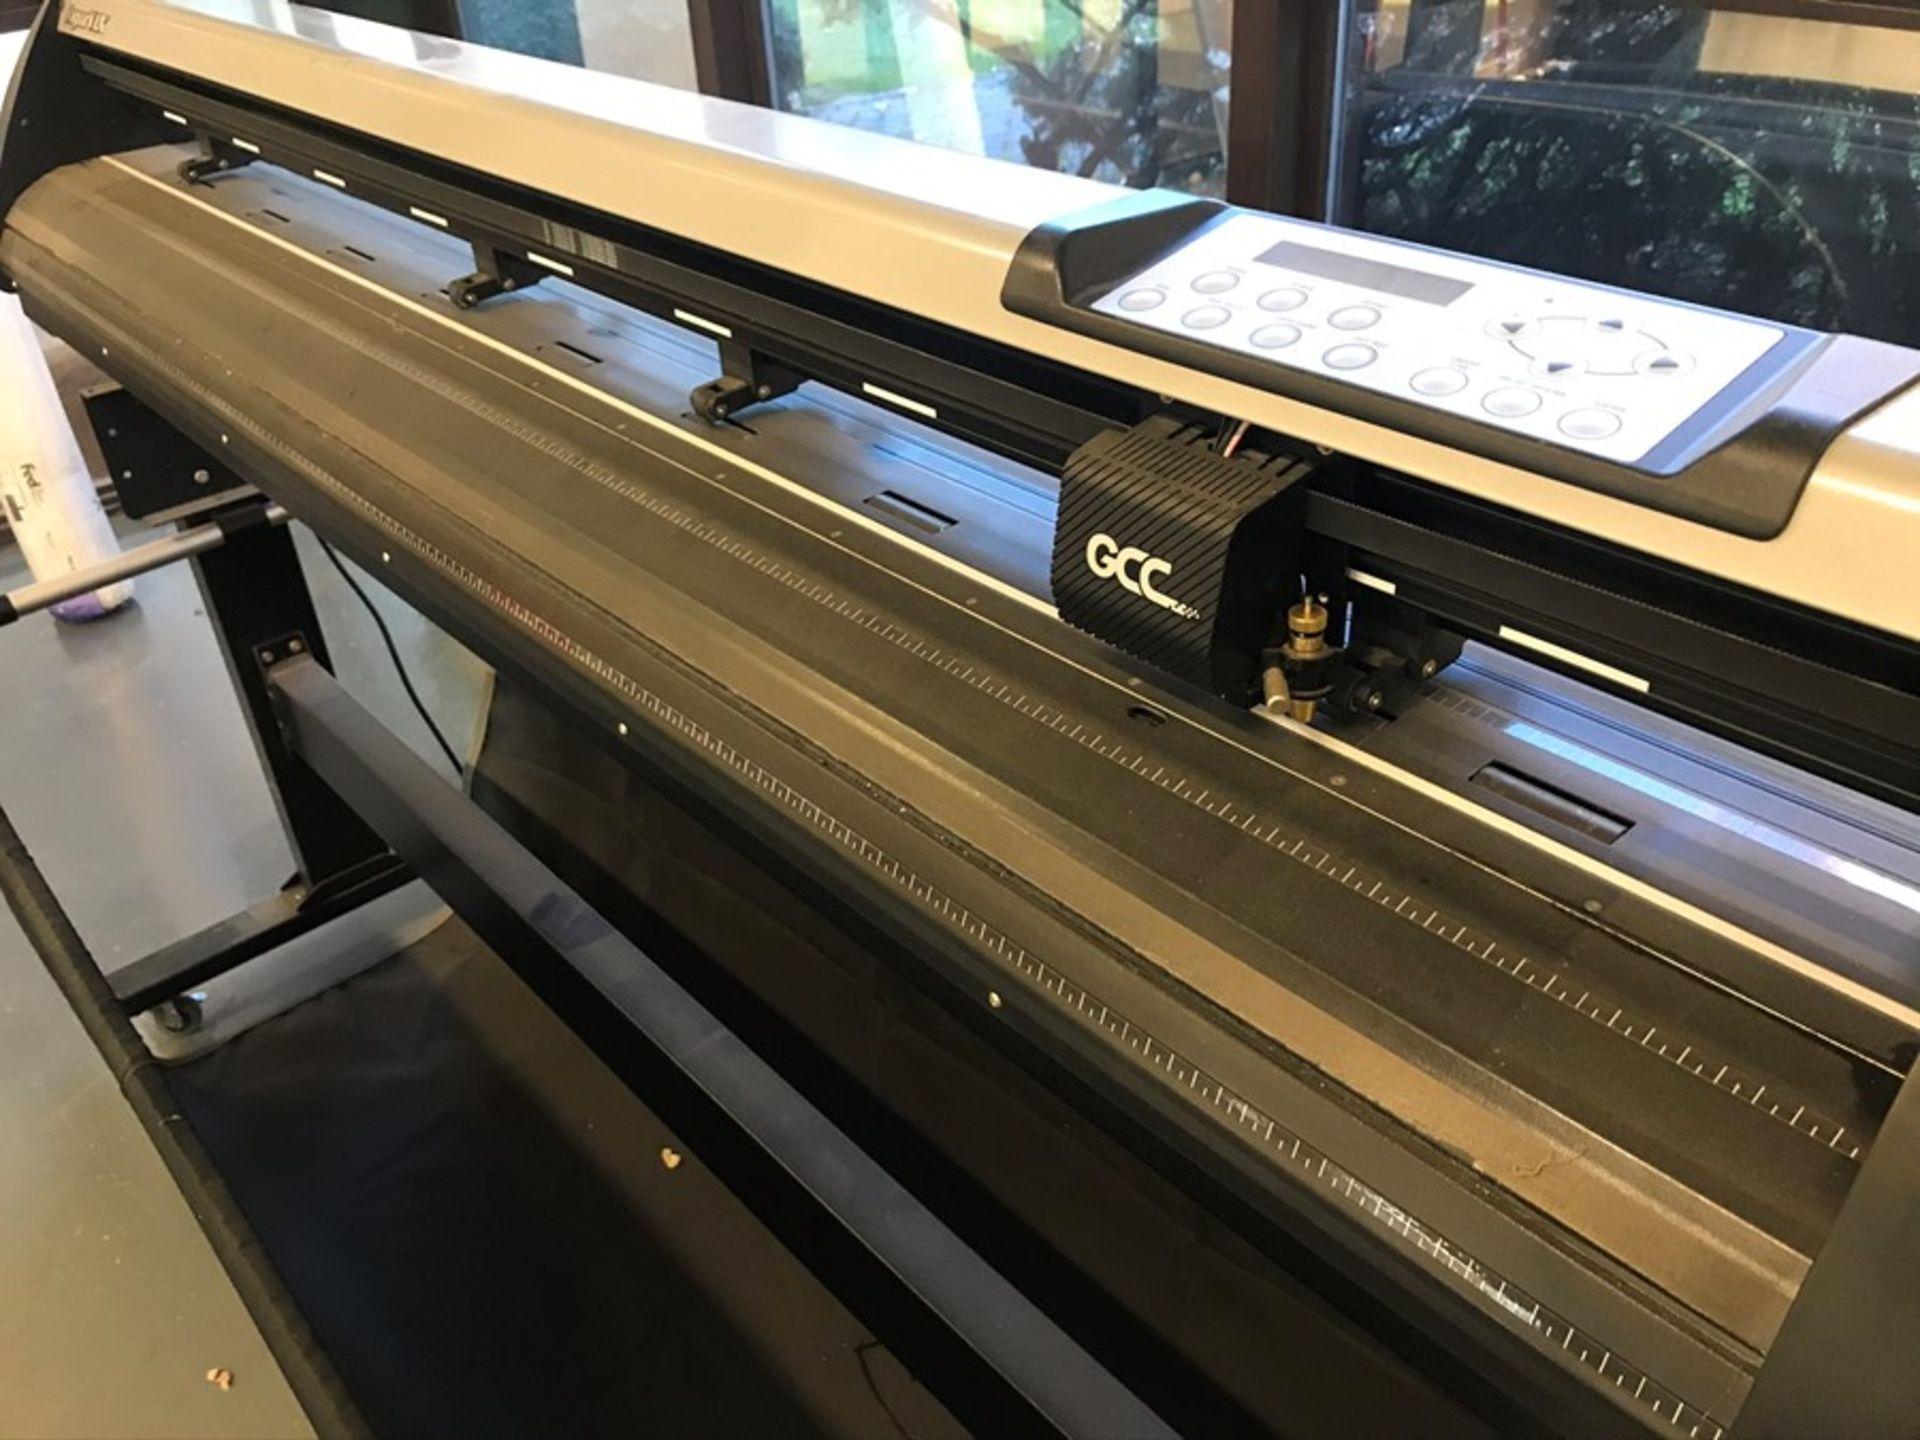 GCC Jaguar J5-12LX vinyl cutting plotter - Image 4 of 5